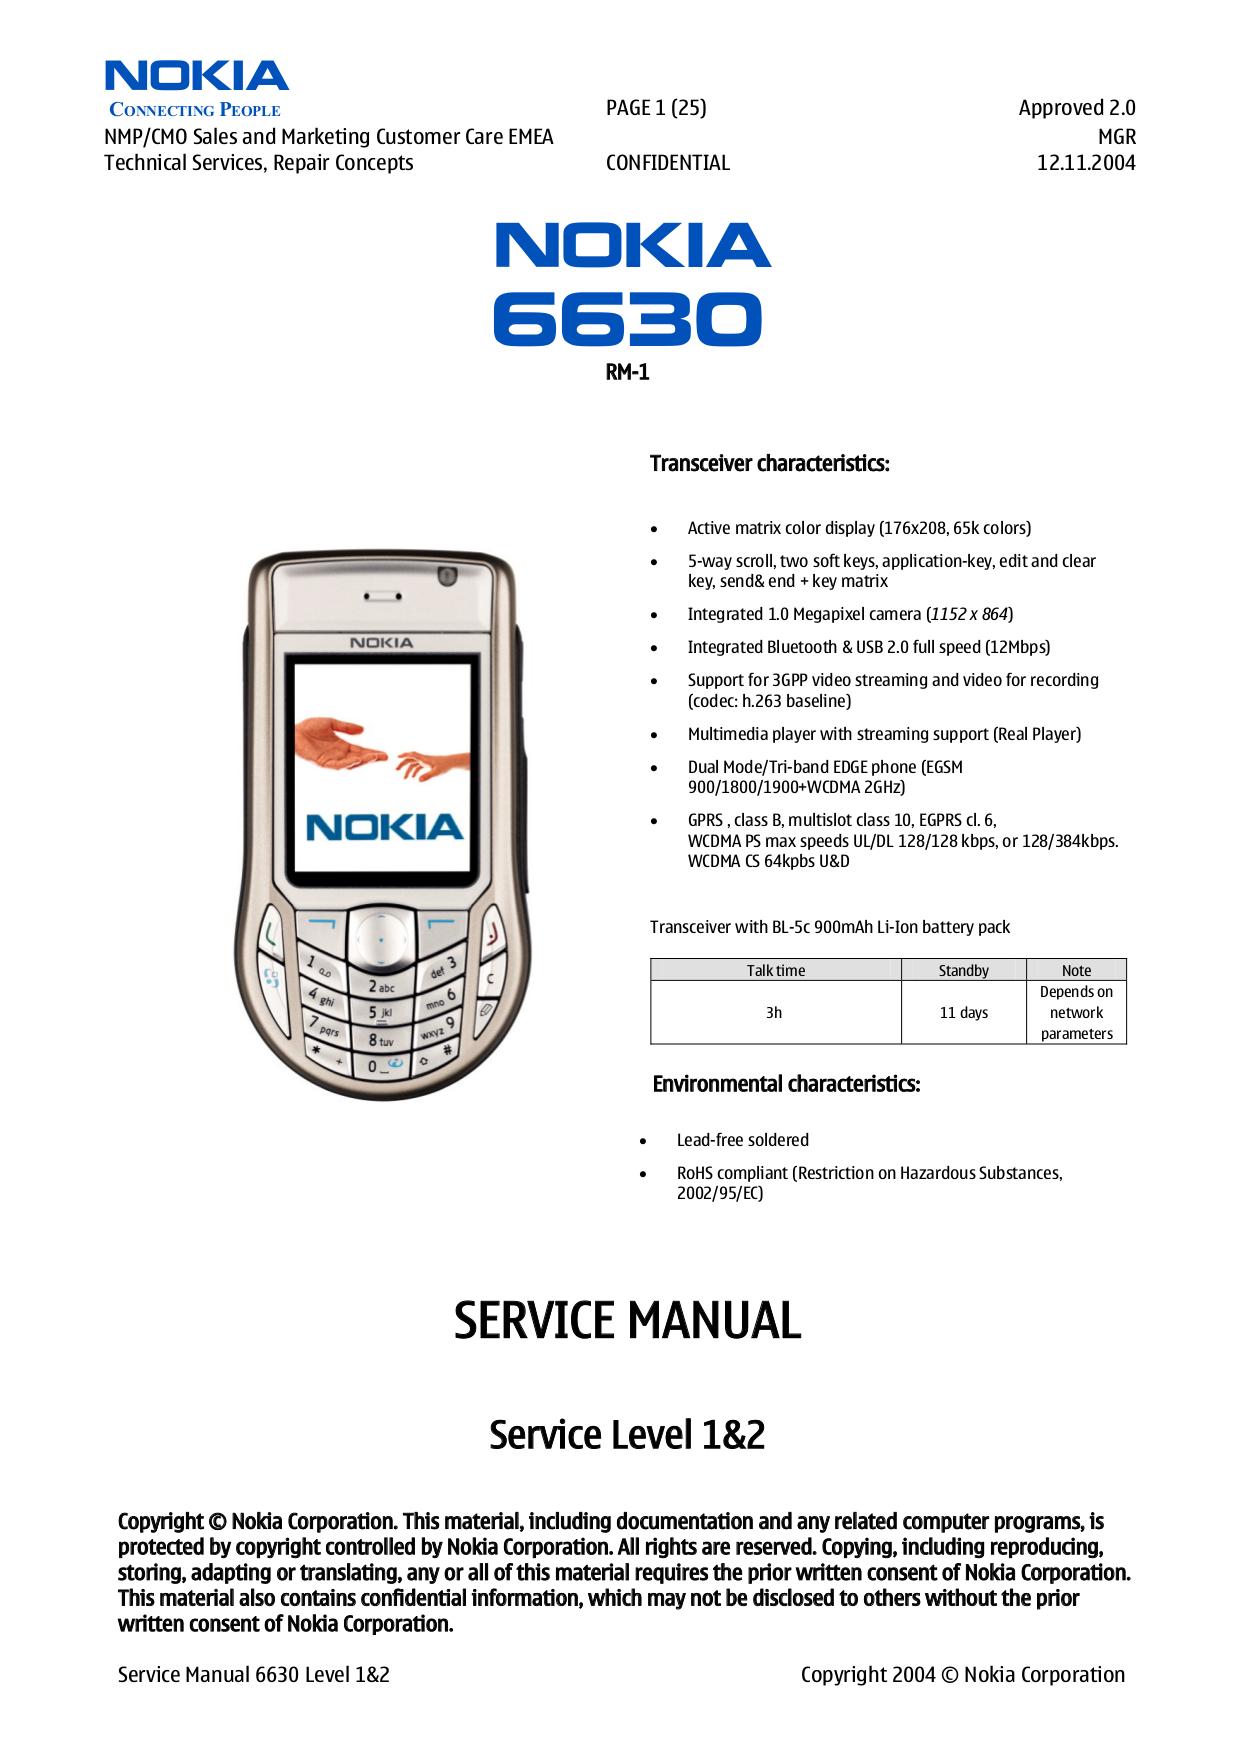 инструкция по использованию nokia 6630